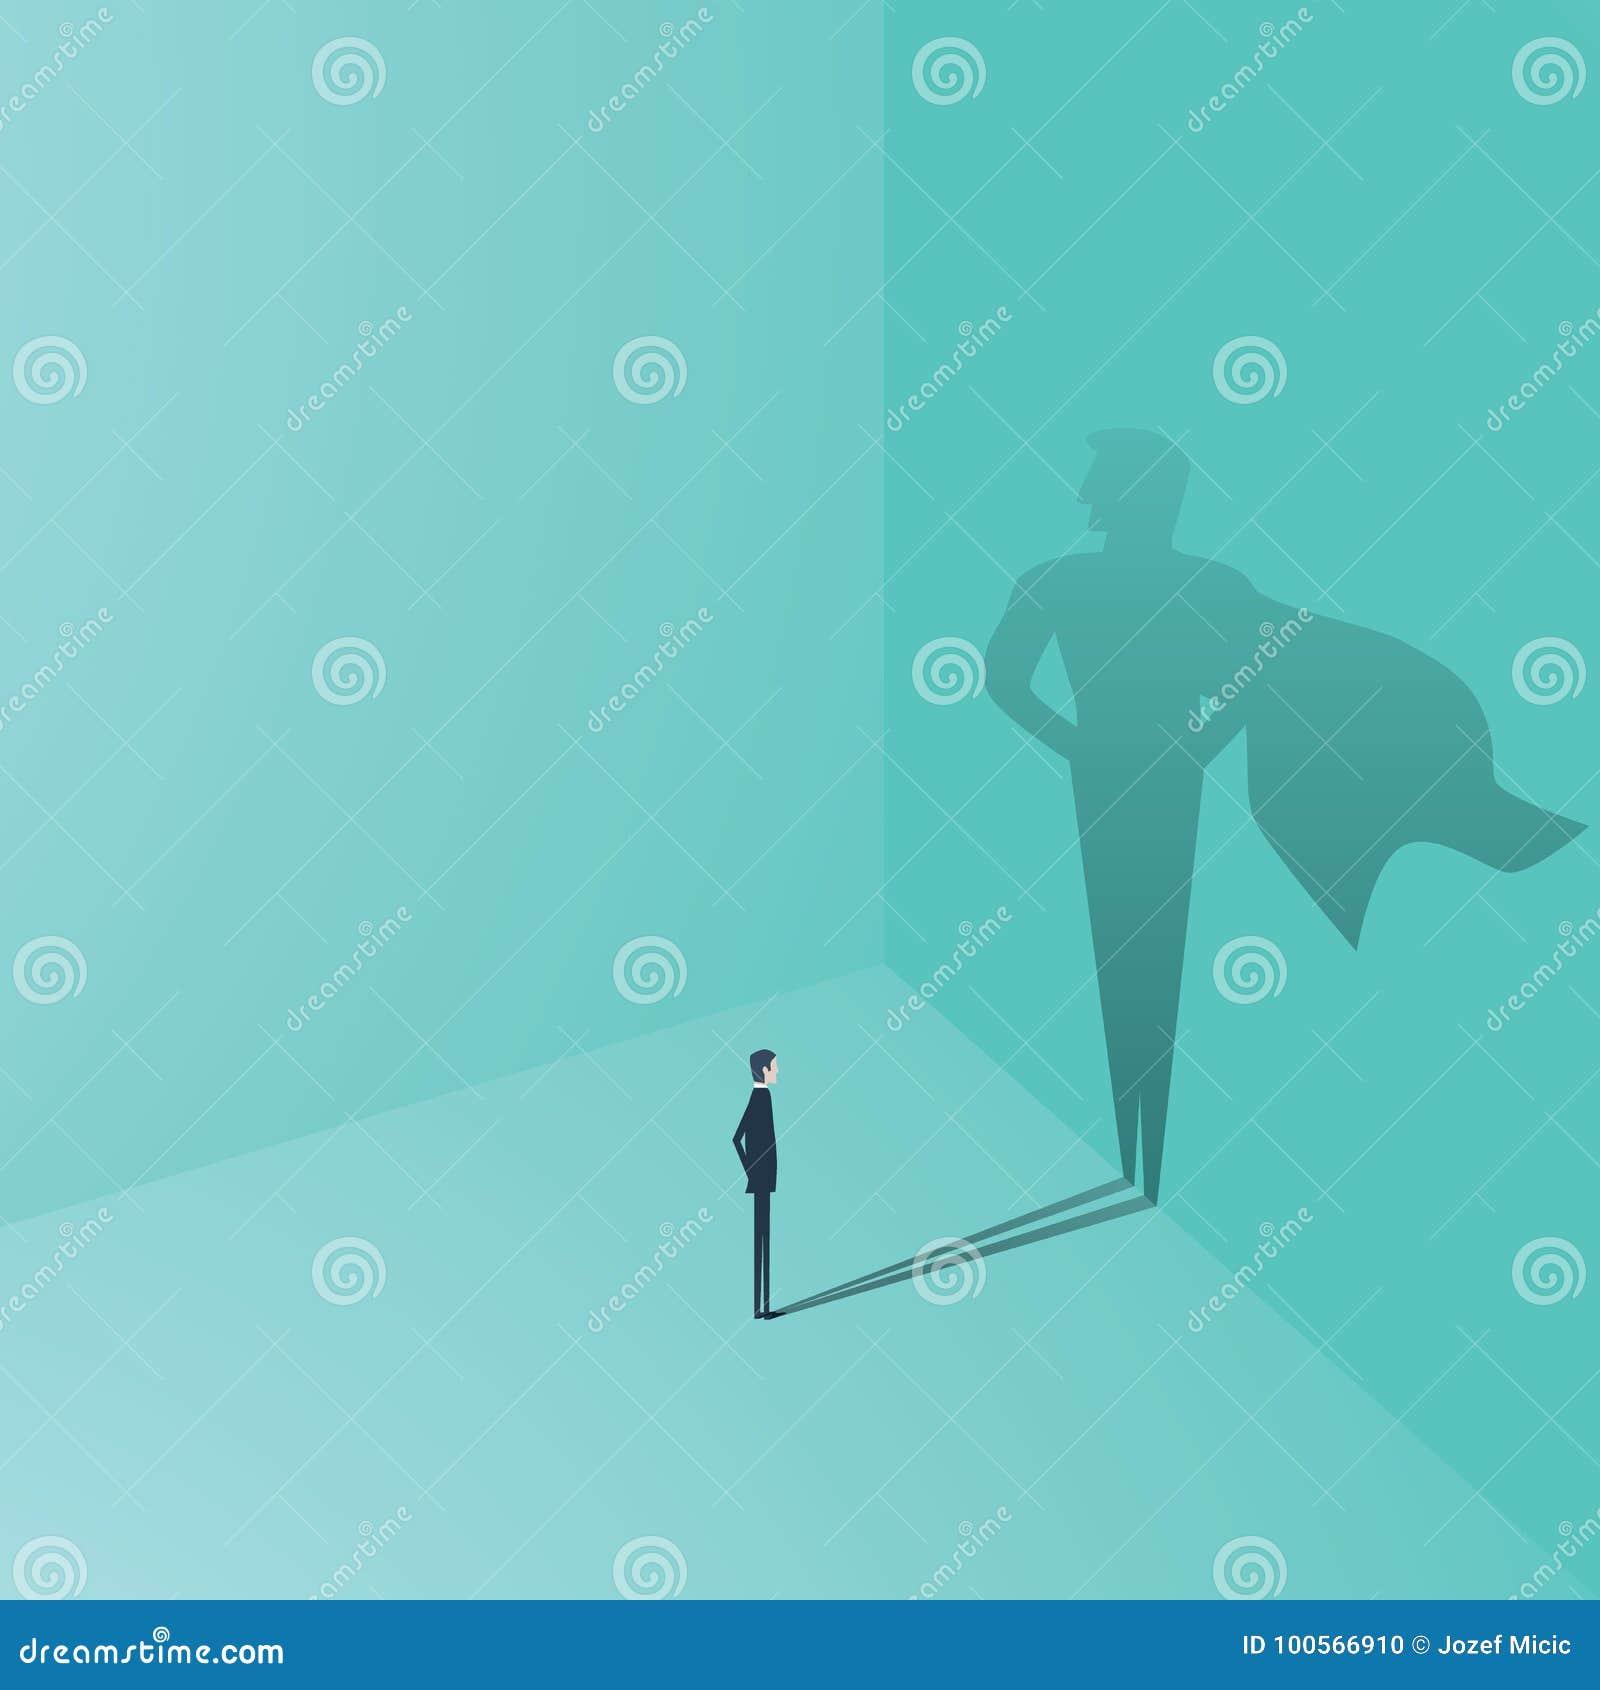 Επιχειρηματίας με τη διανυσματική έννοια σκιών superhero Επιχειρησιακό σύμβολο της φιλοδοξίας, επιτυχία, κίνητρο, ηγεσία, θάρρος